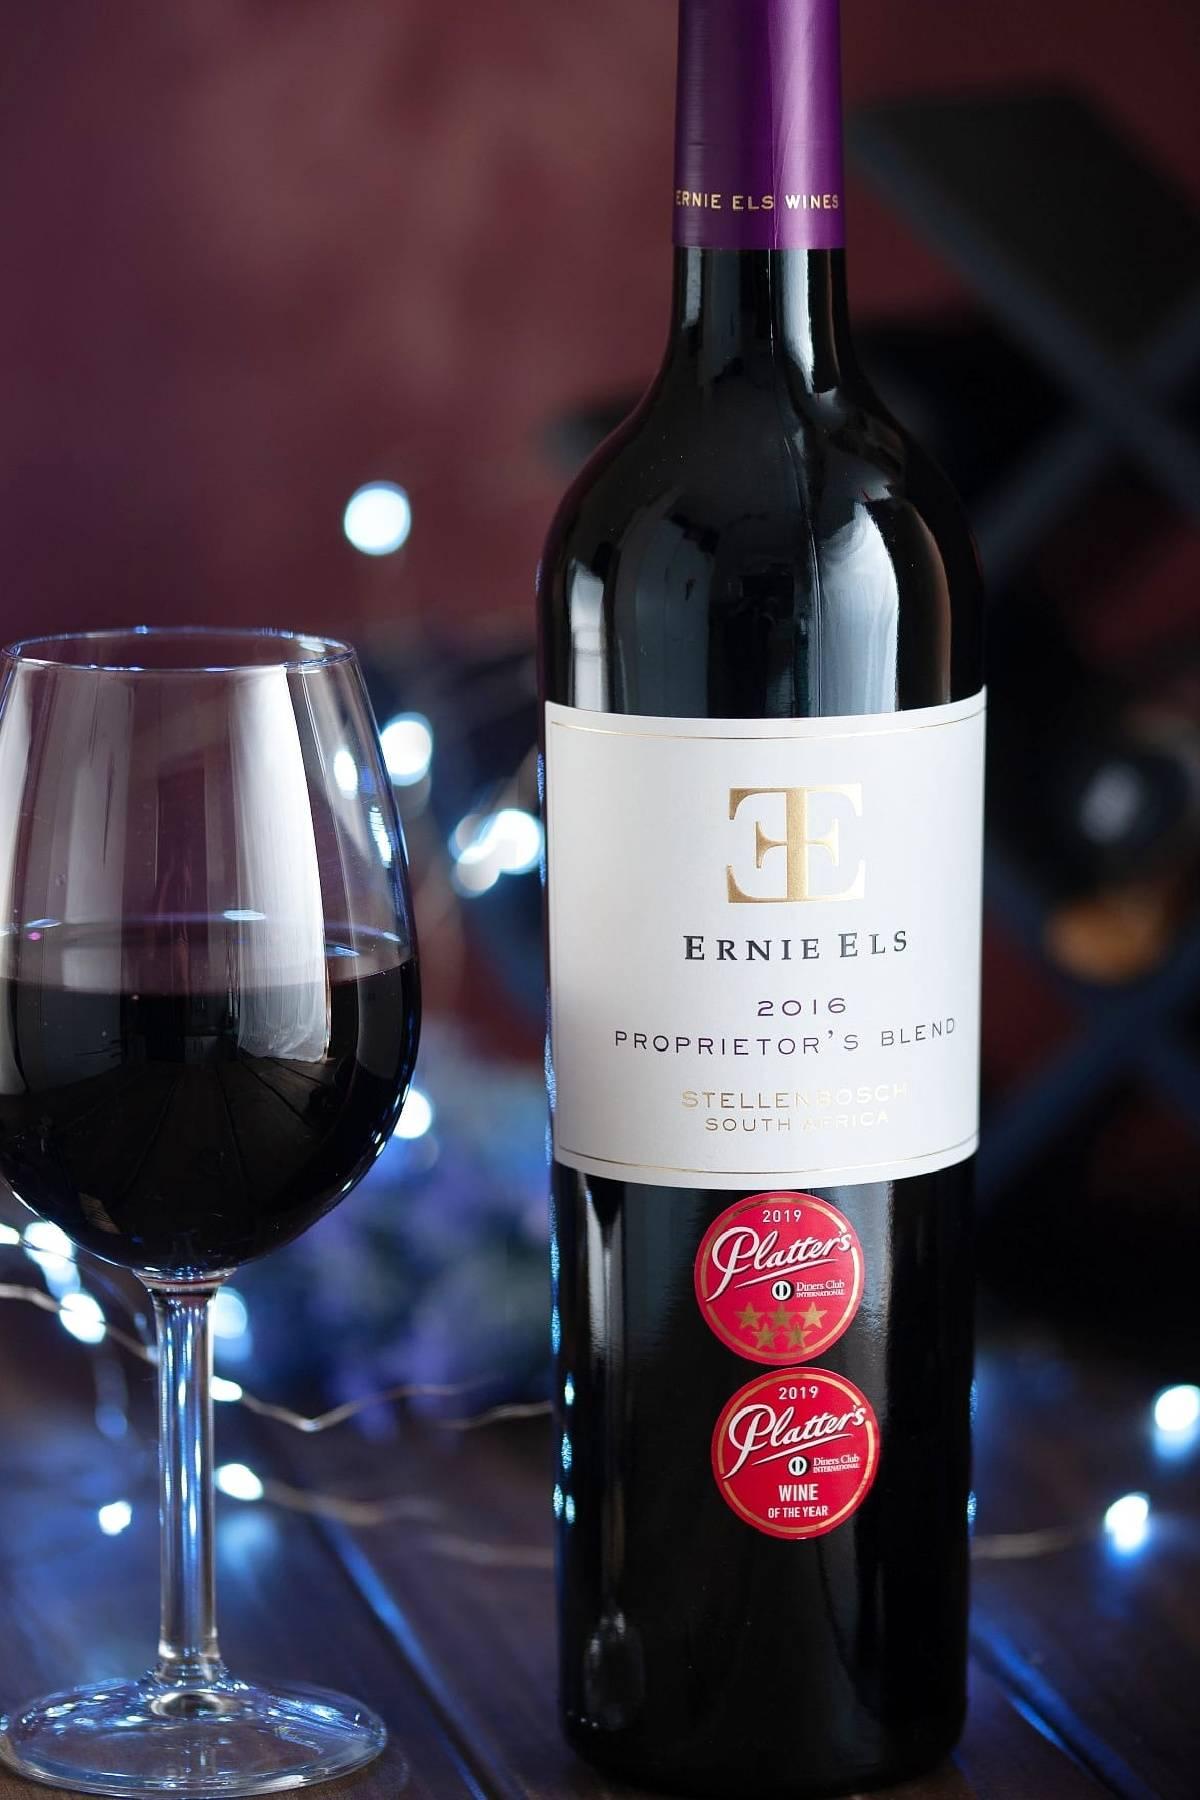 Ernie Els Proprietor's Blend 2016 Platter 5 star met glas